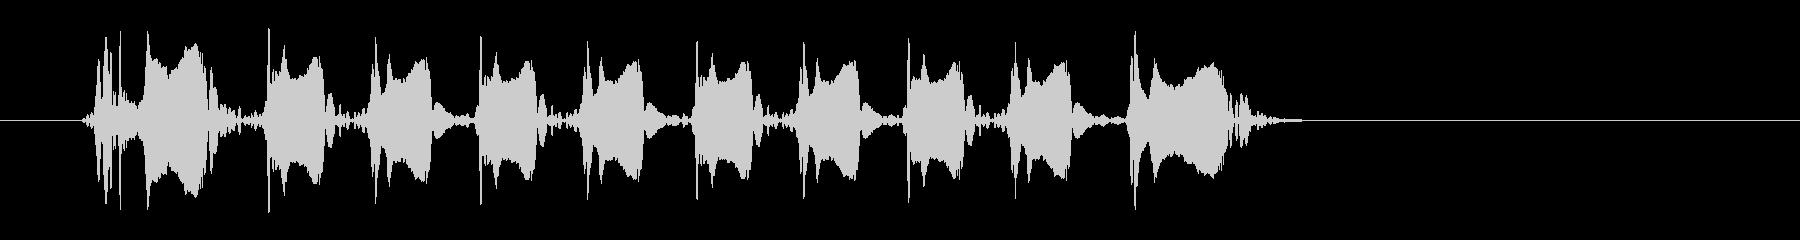 レーザー音-150-3の未再生の波形